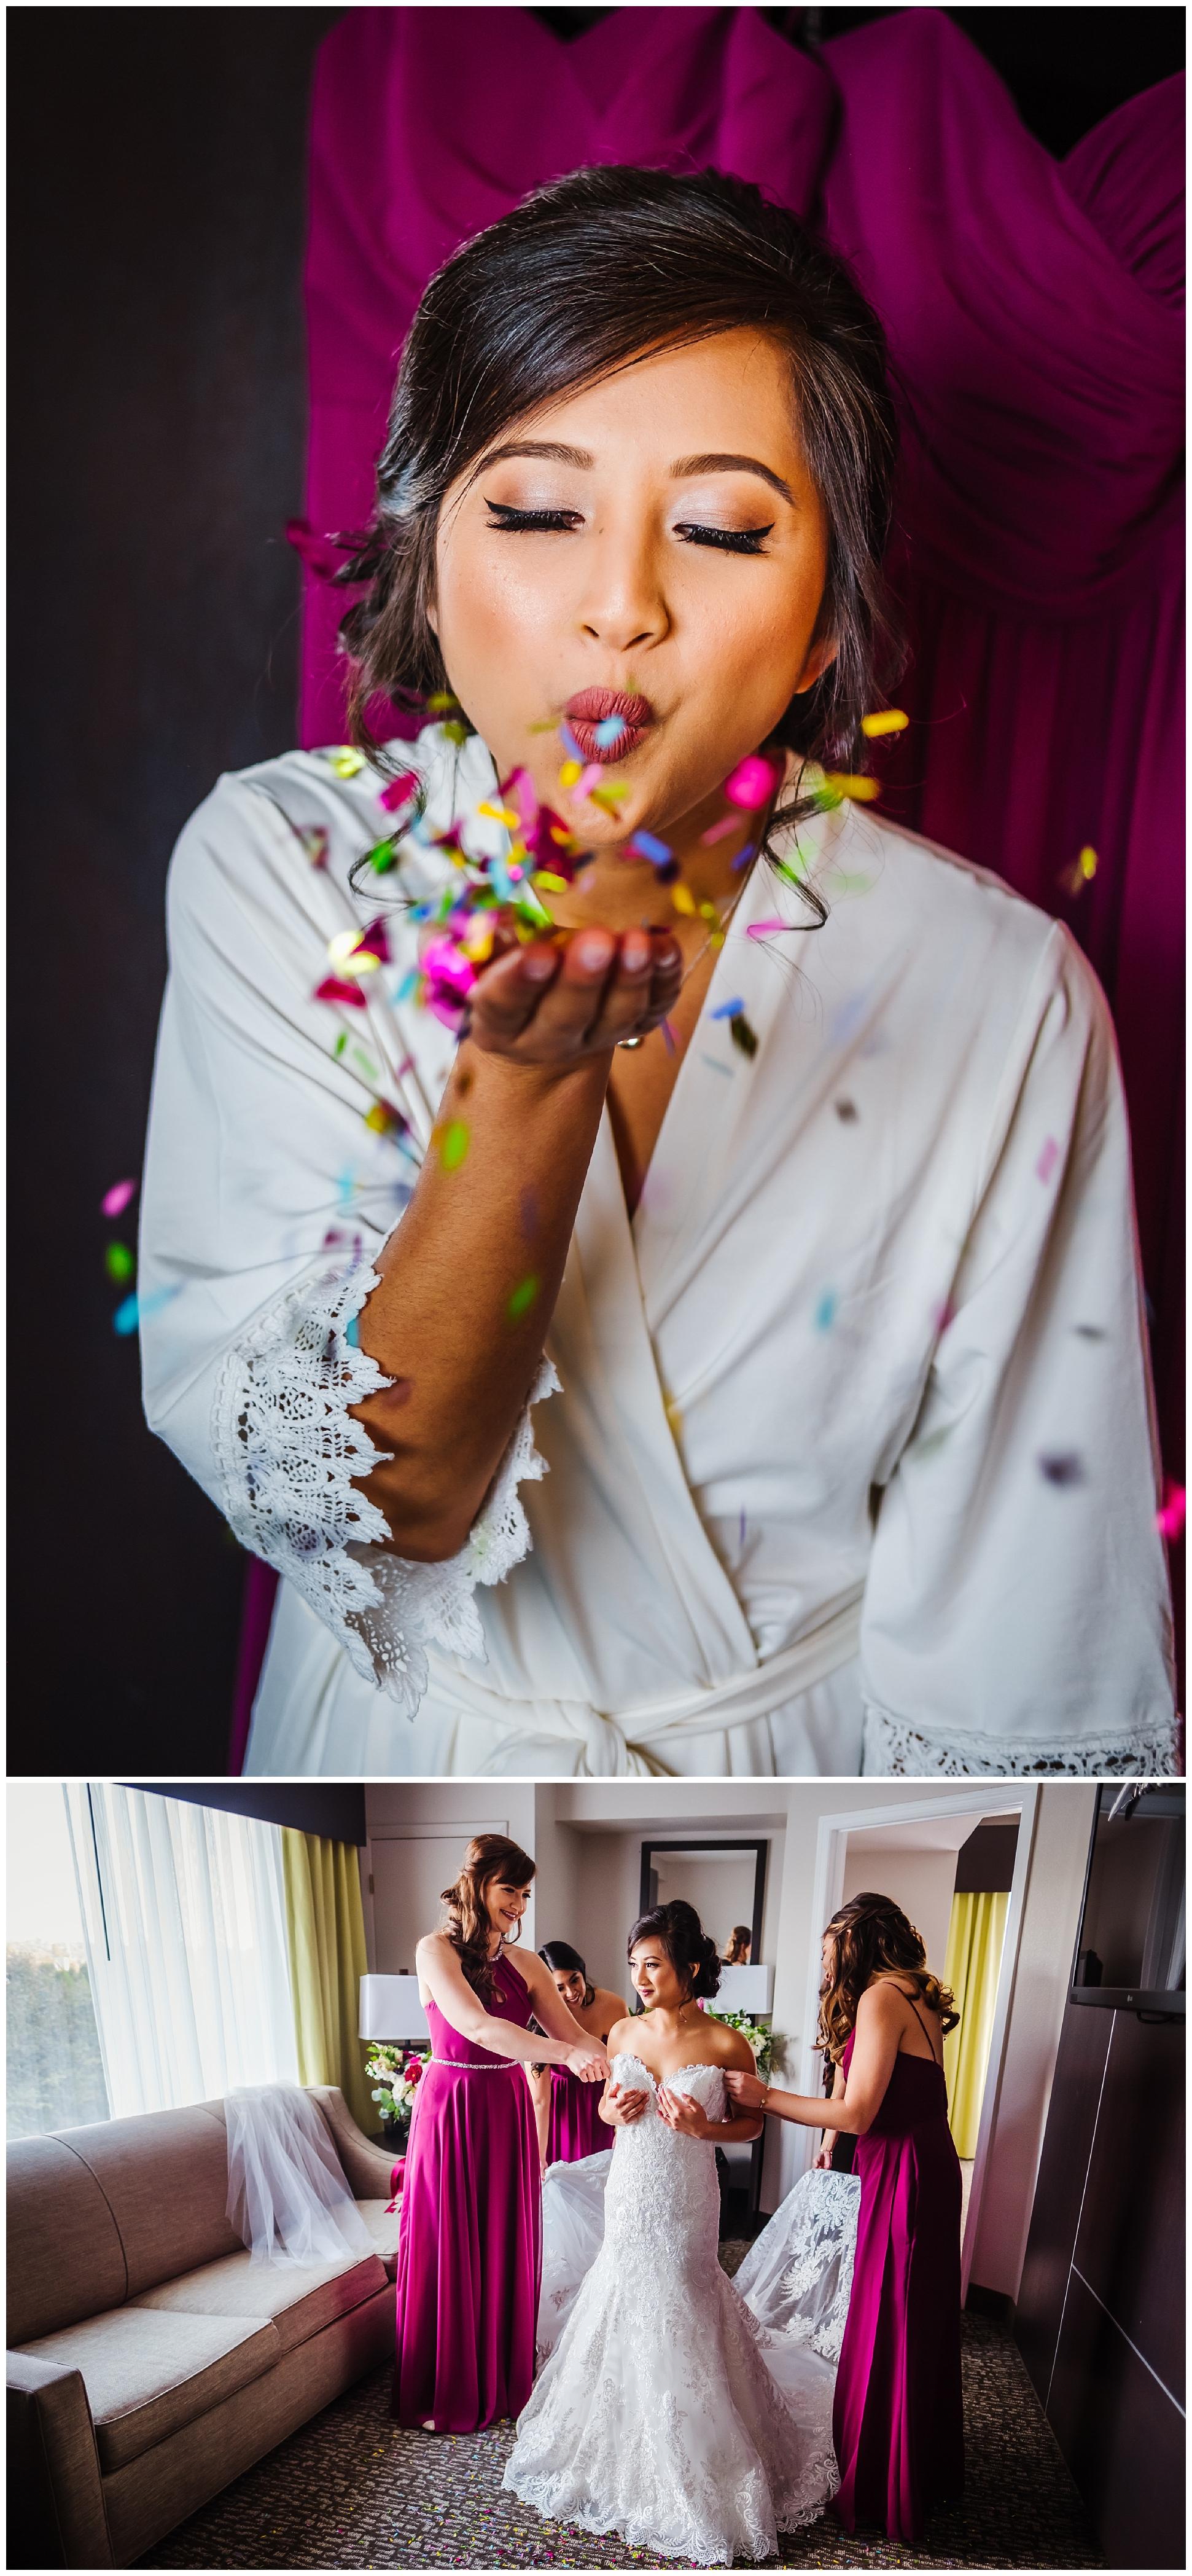 tampa-wedding-photographer-philipino-colorful-woods-ballroom-church-mass_0009.jpg